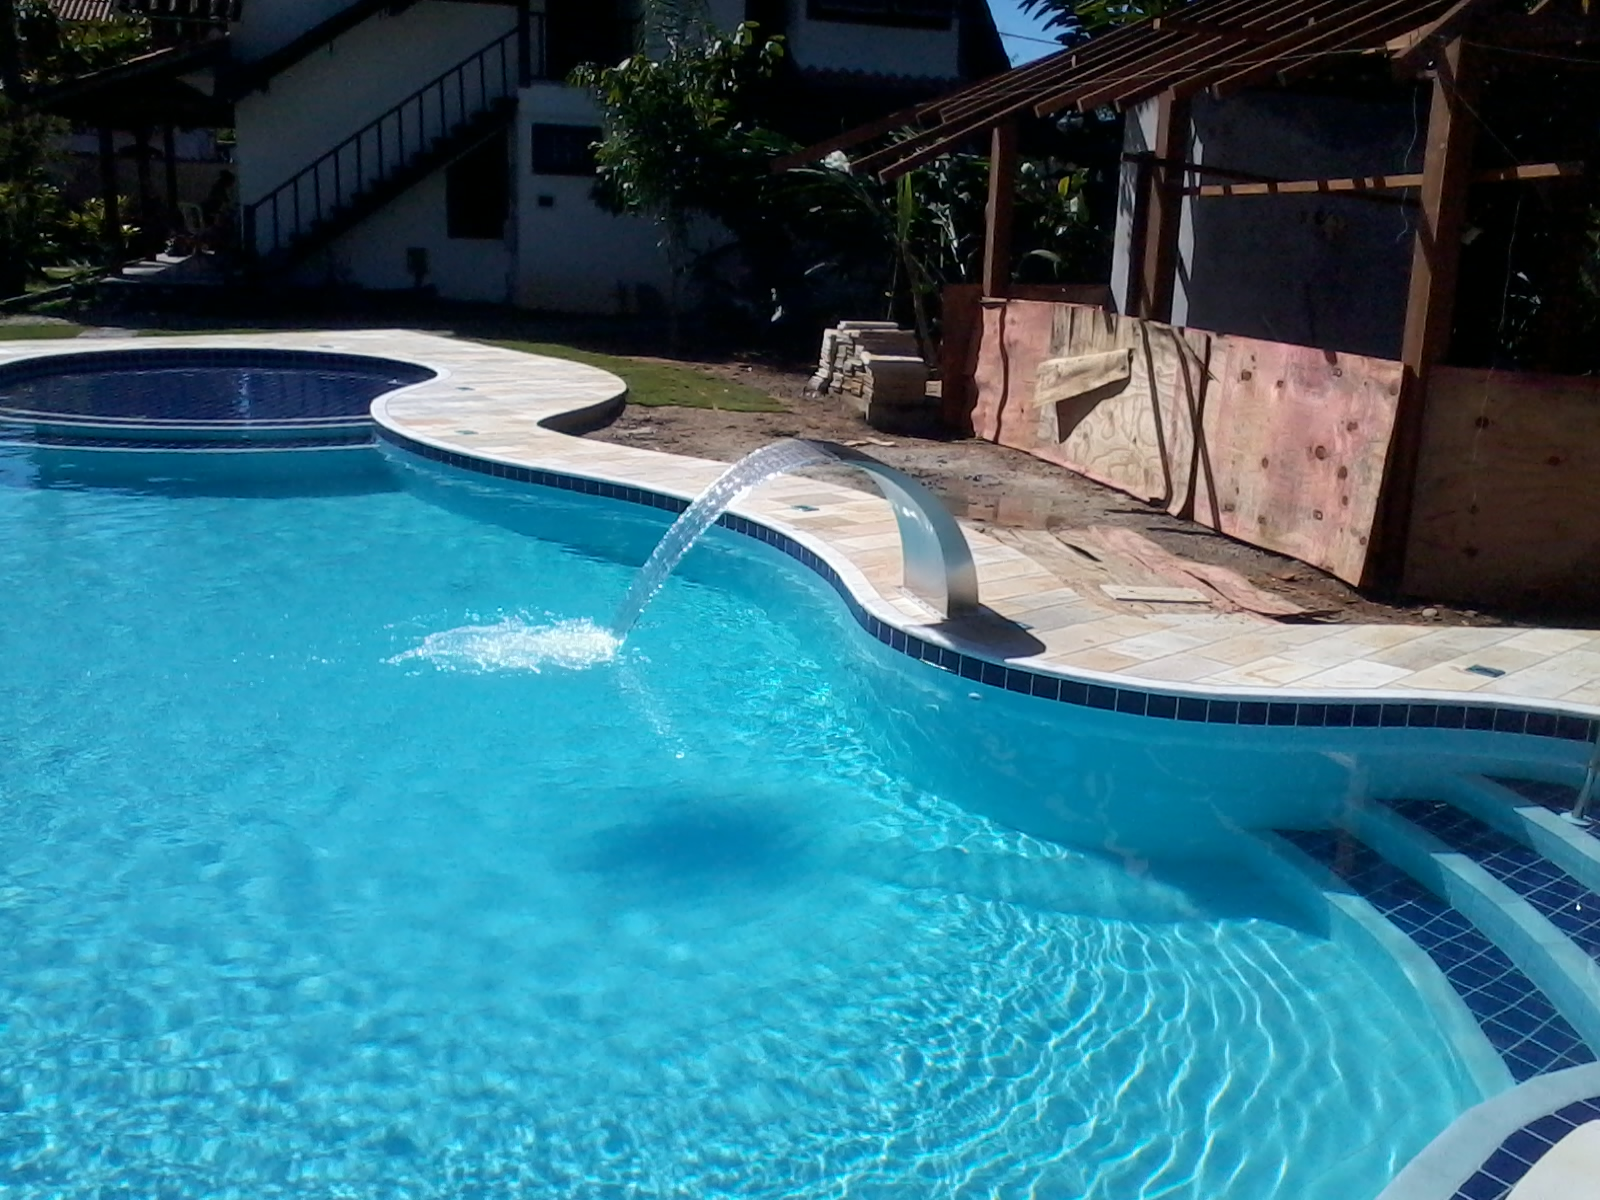 Campestre piscinas e paisagismo julho 2013 - Piscinas grandes ...